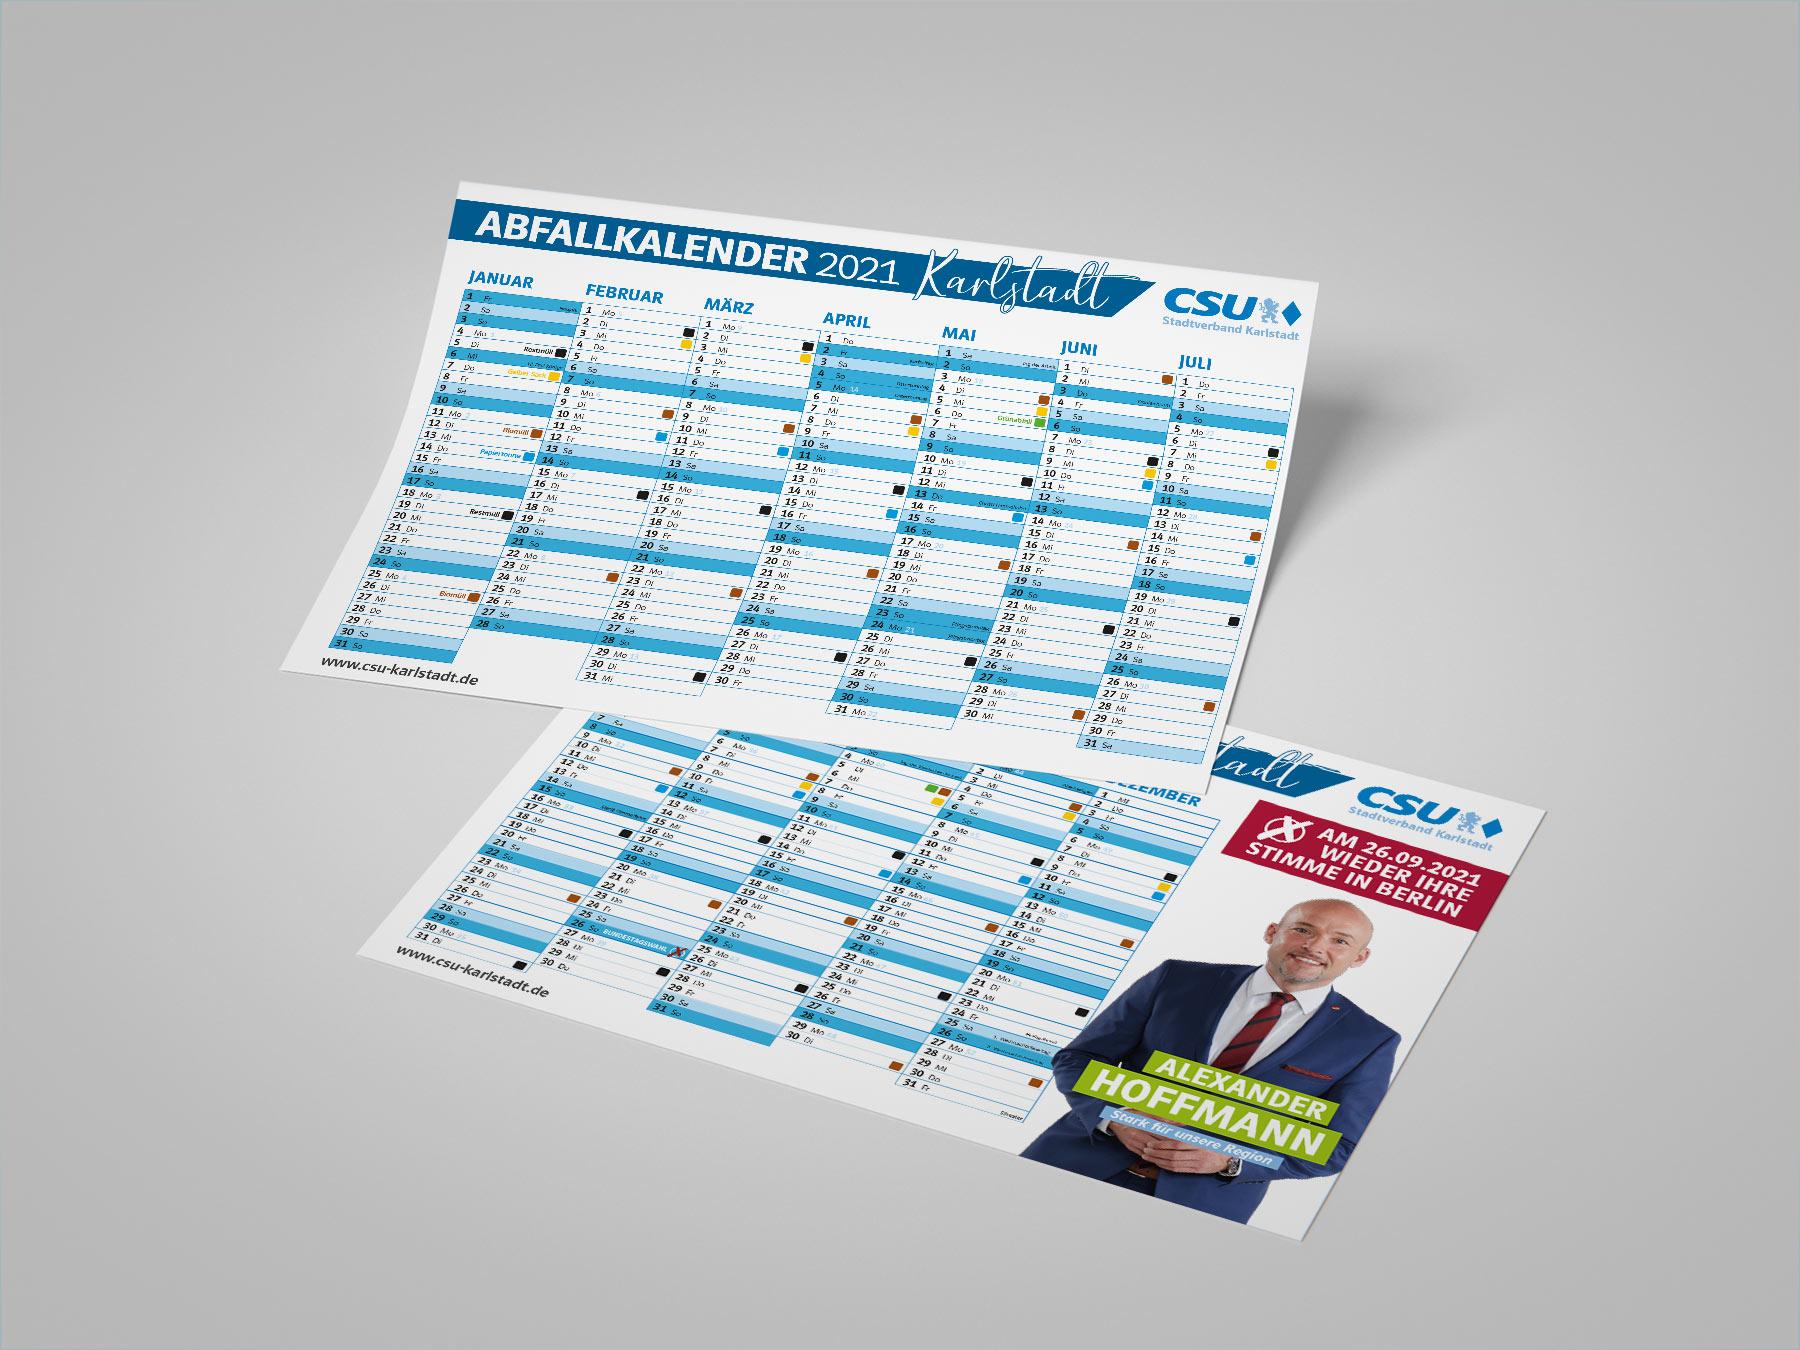 Abfallkalender Für Die Karlstadter Haushalte